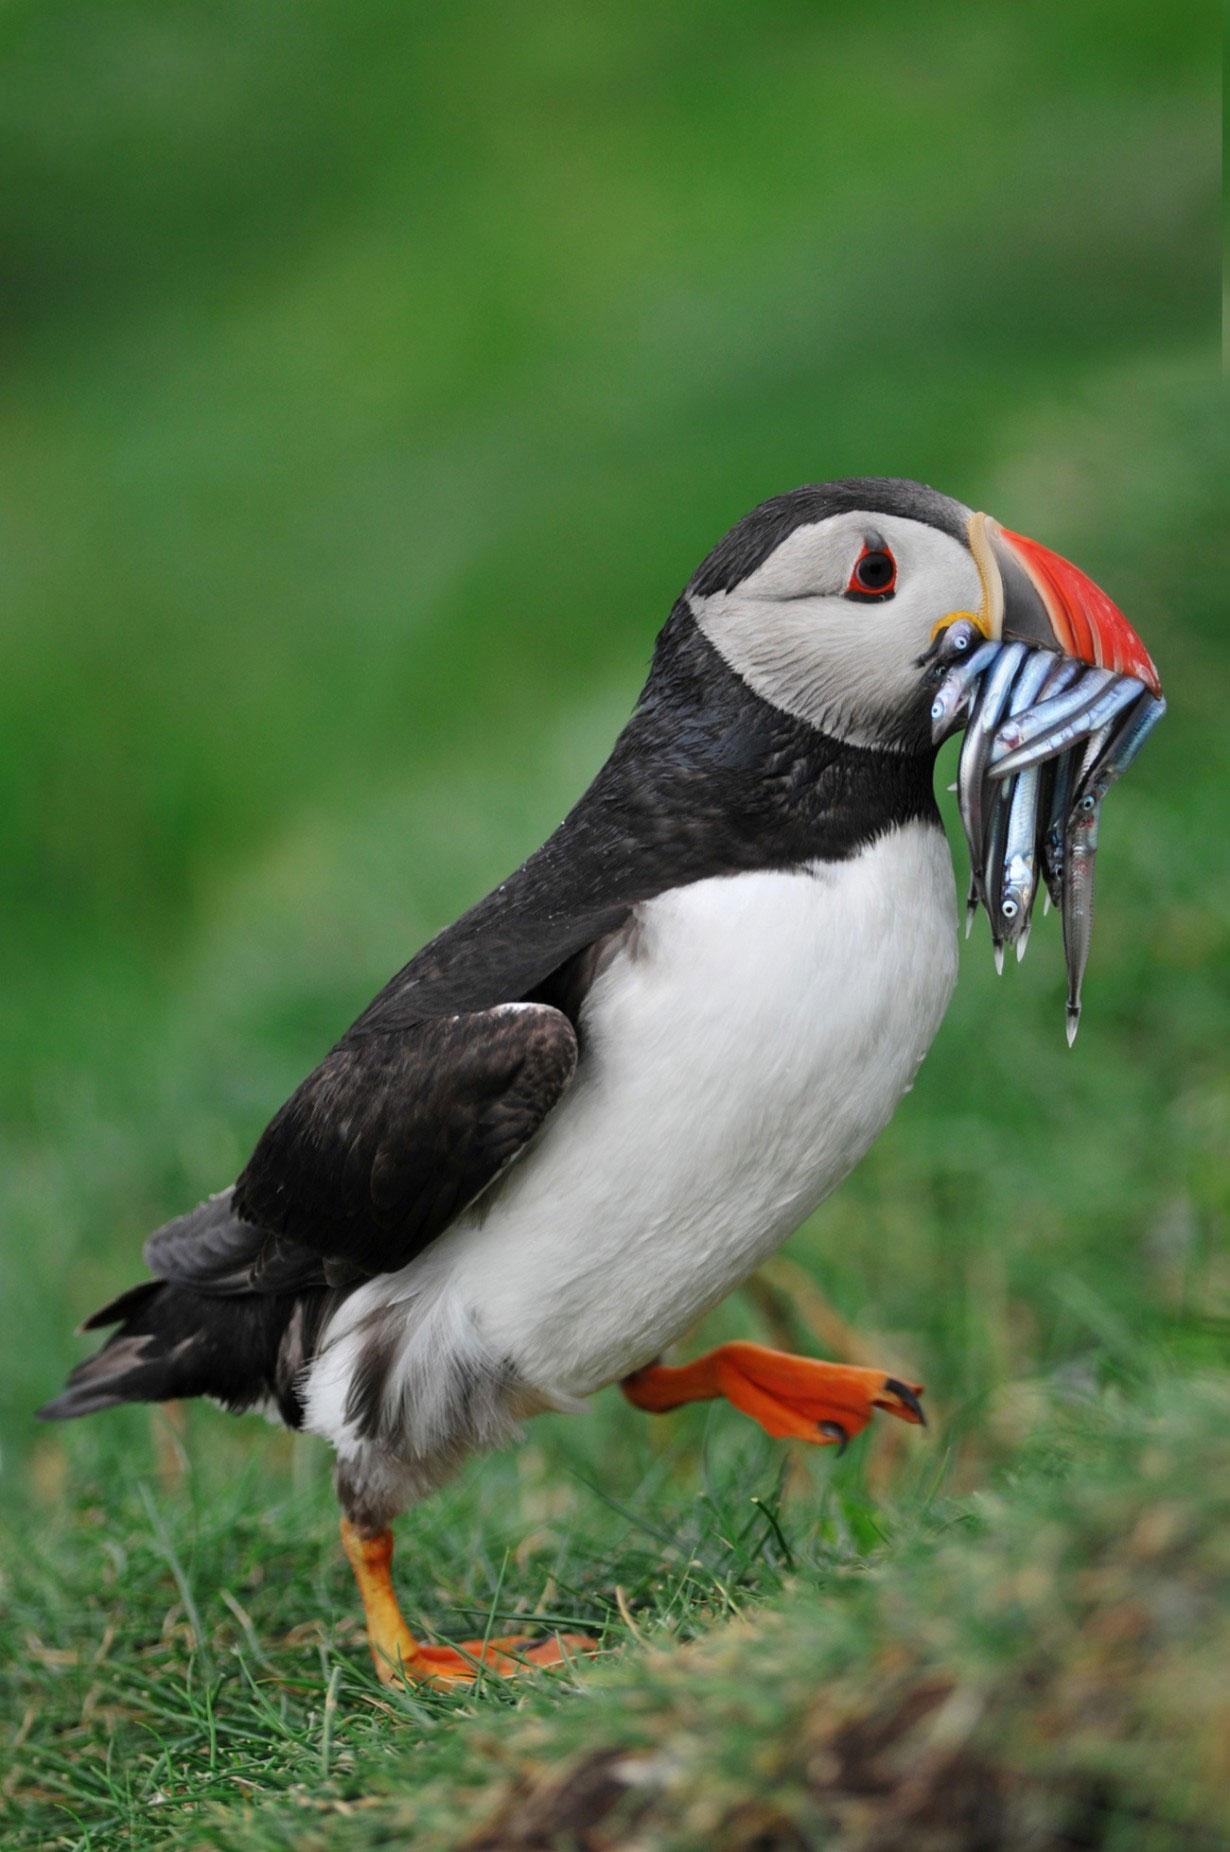 پافین های فوق العاده زیبا؛ پرندگان غمگین پنگوئن شکل شبیه طوطی!